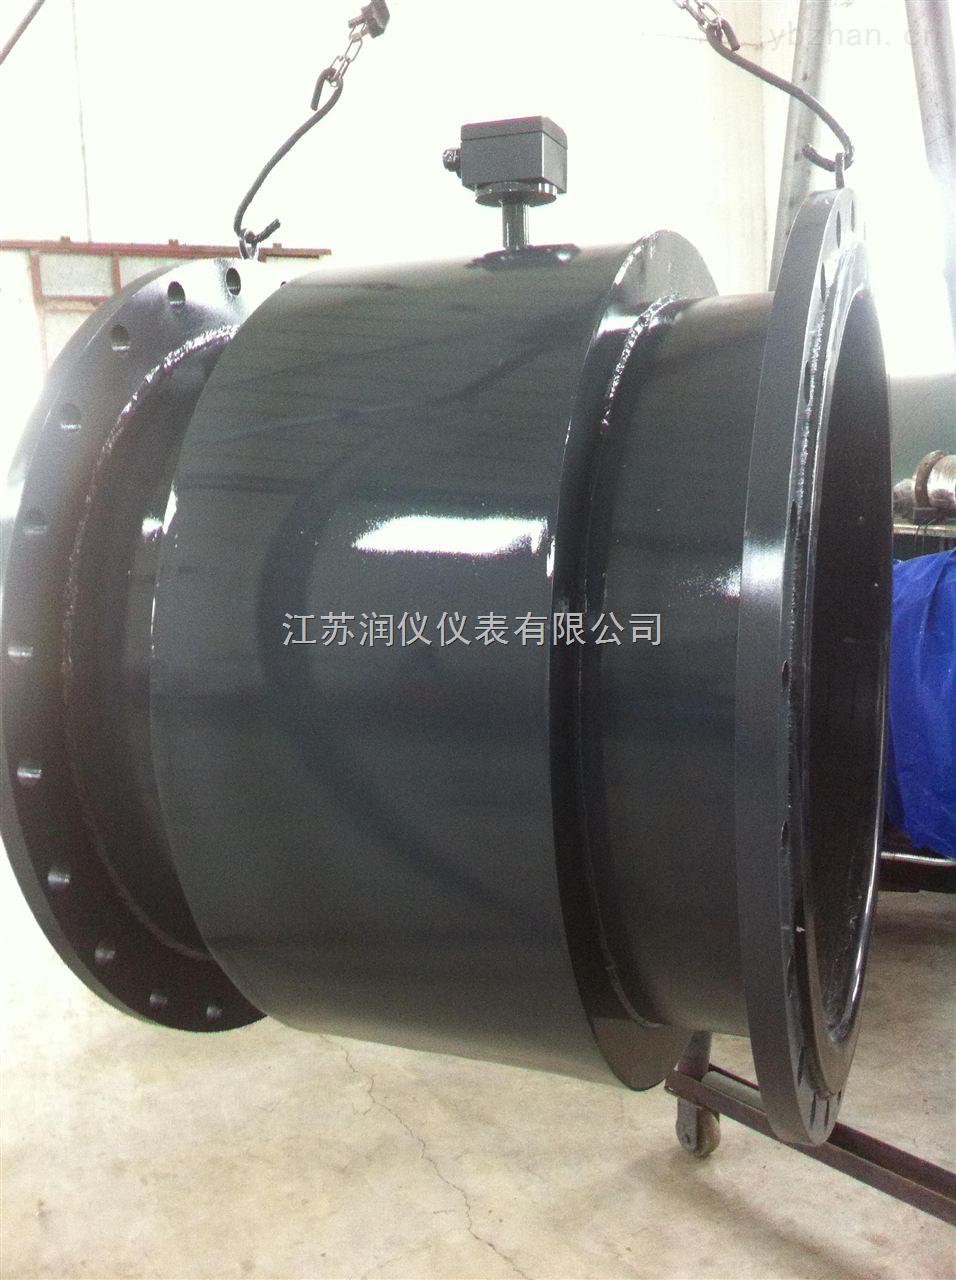 大口徑電磁流量計(DN800 測水)